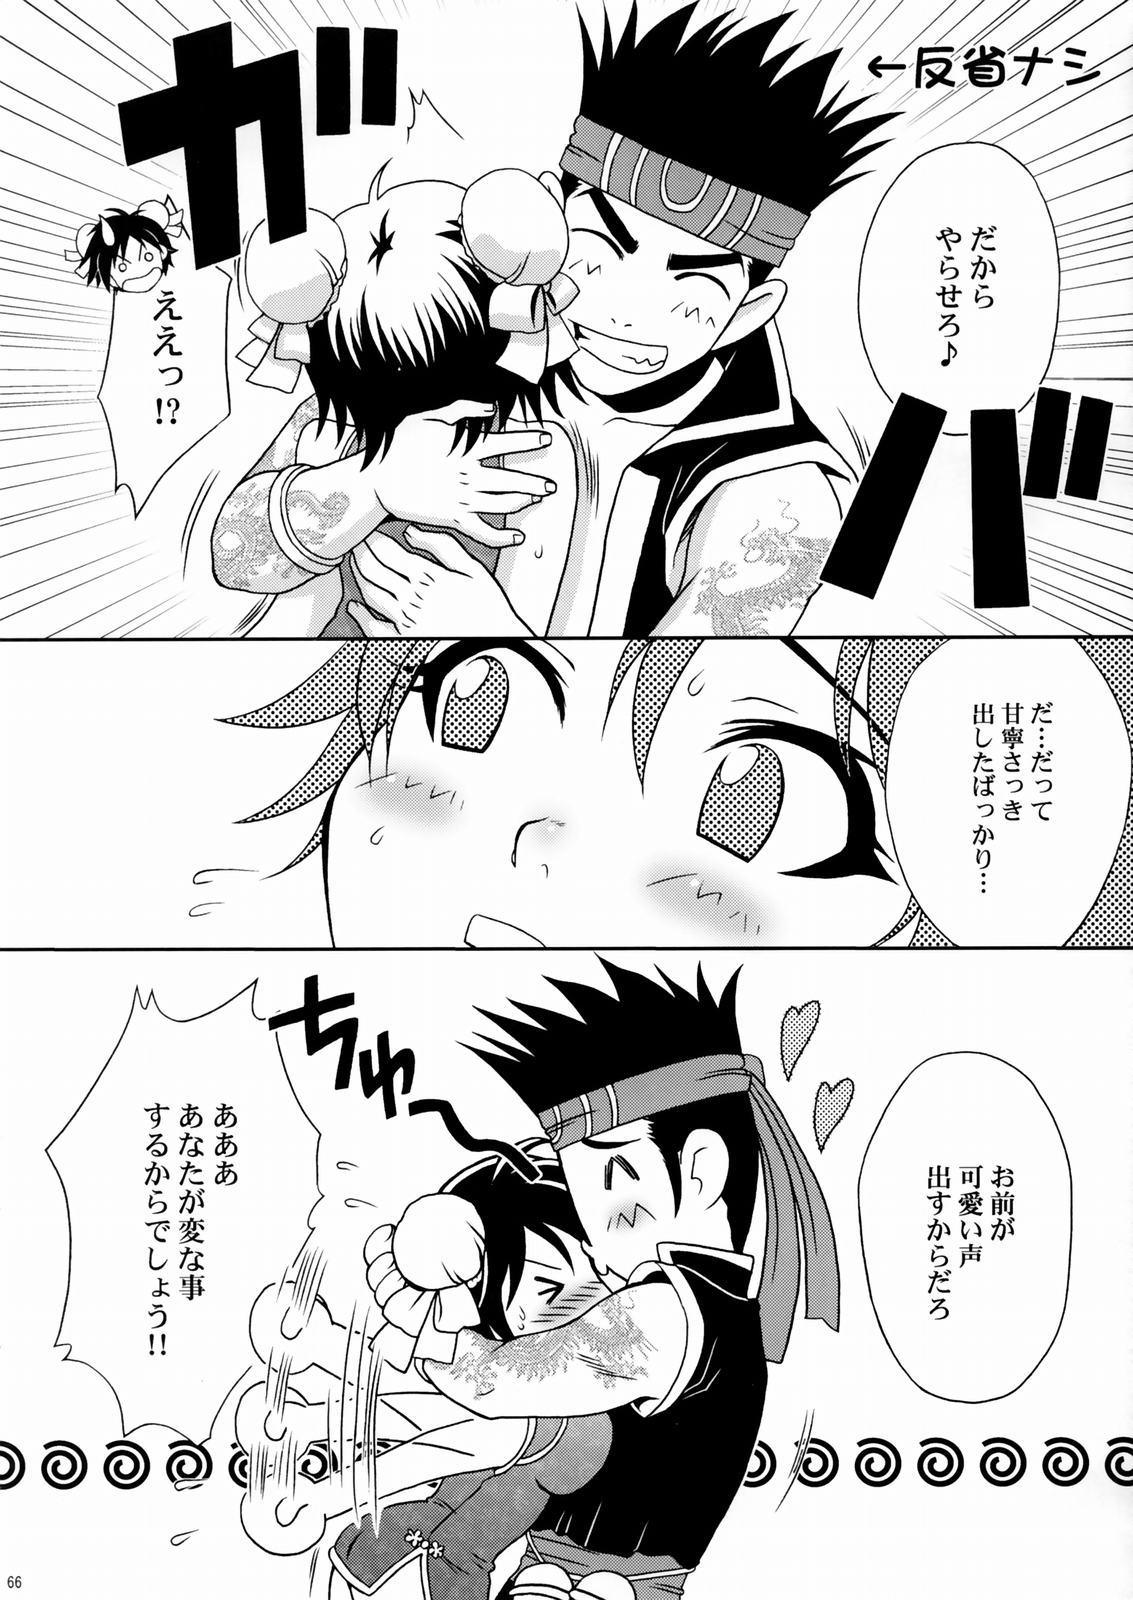 Rikuson-chan 64